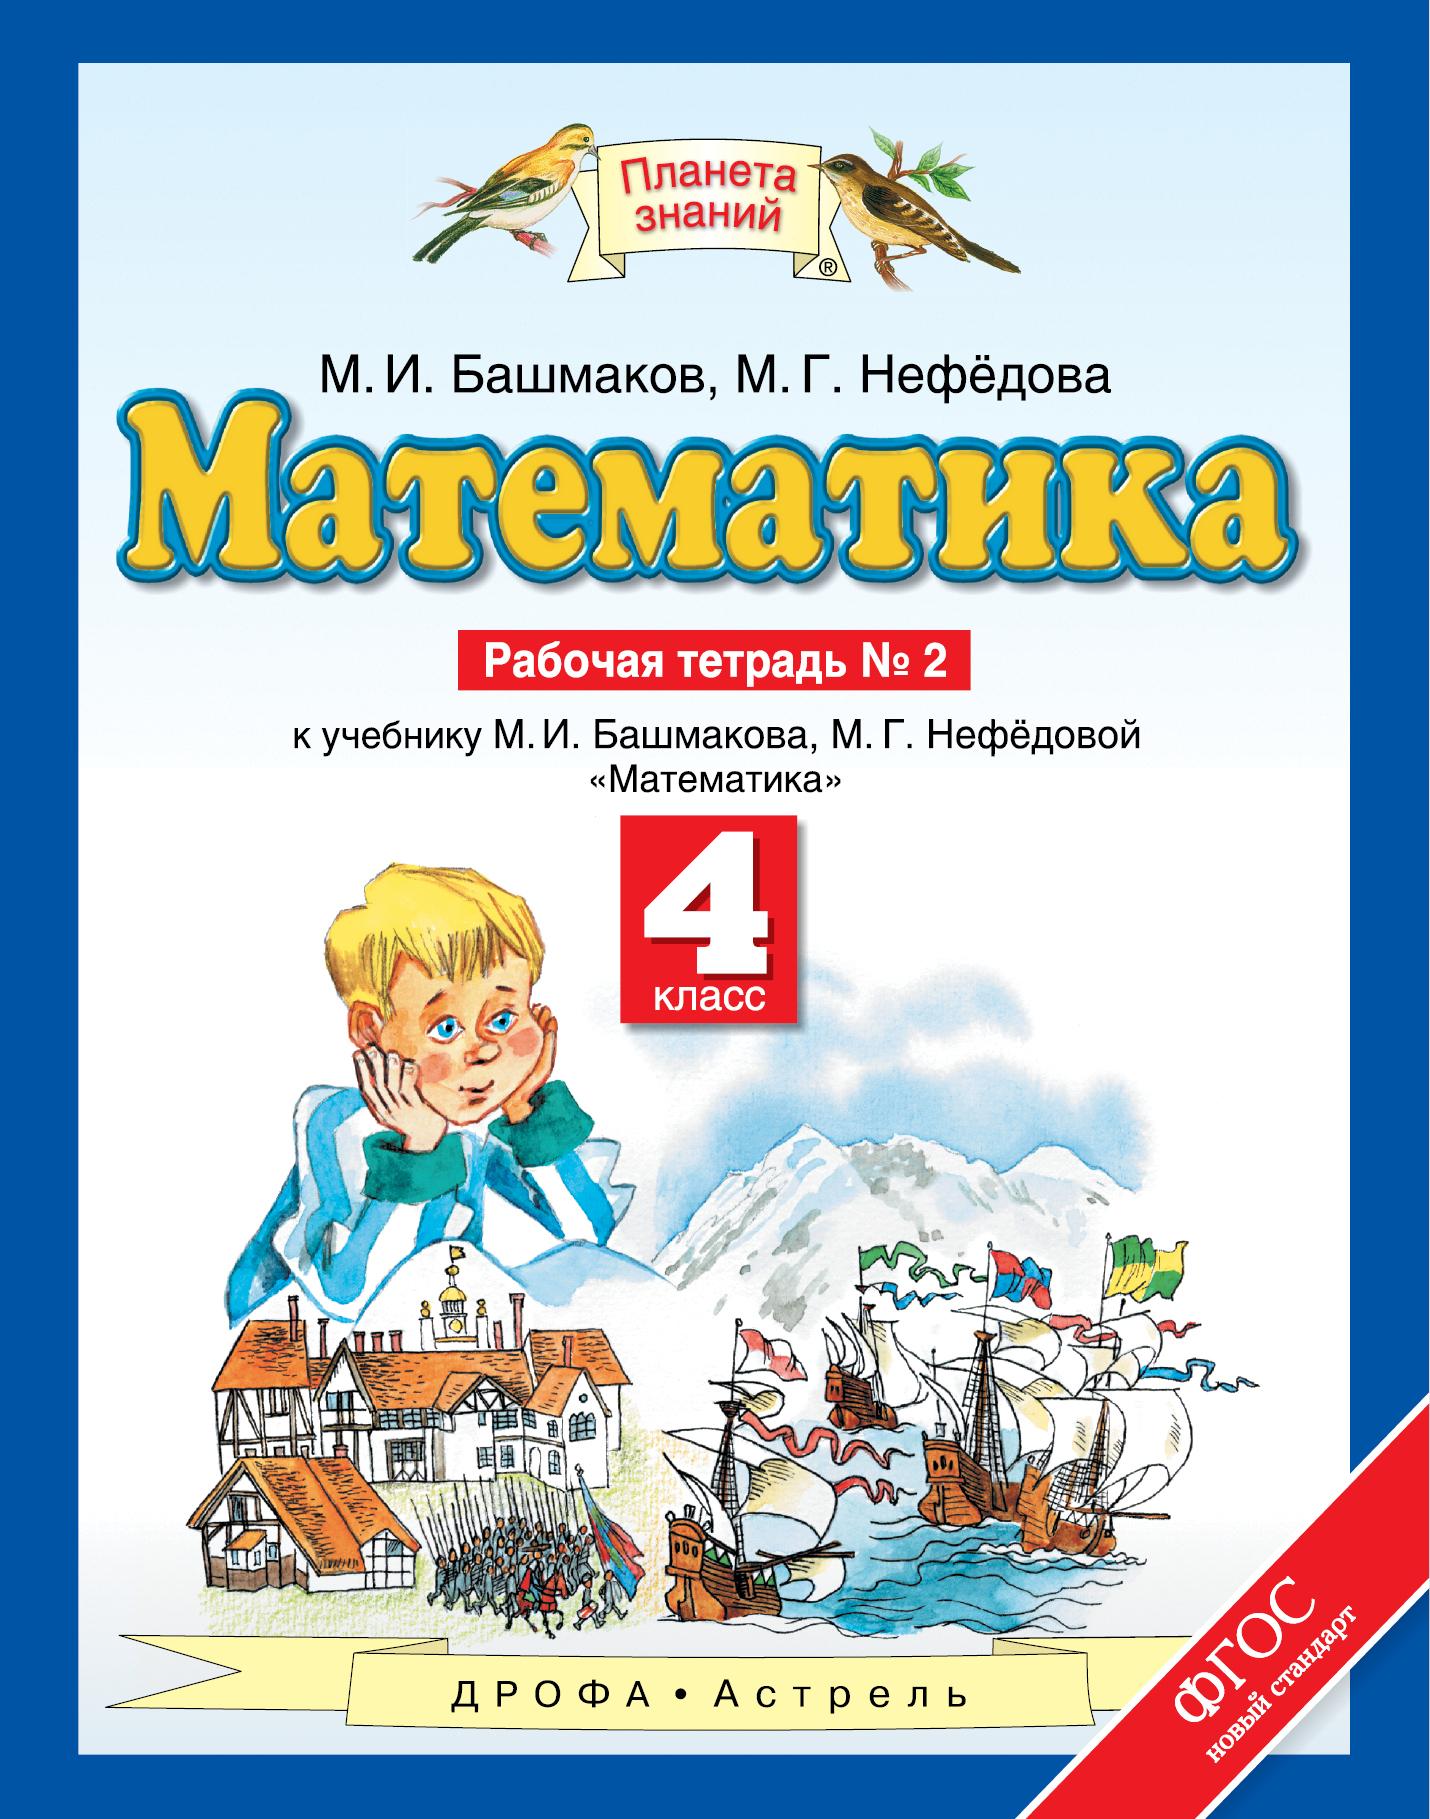 Математика. 4 класс. Рабочая тетрадь №2 от book24.ru